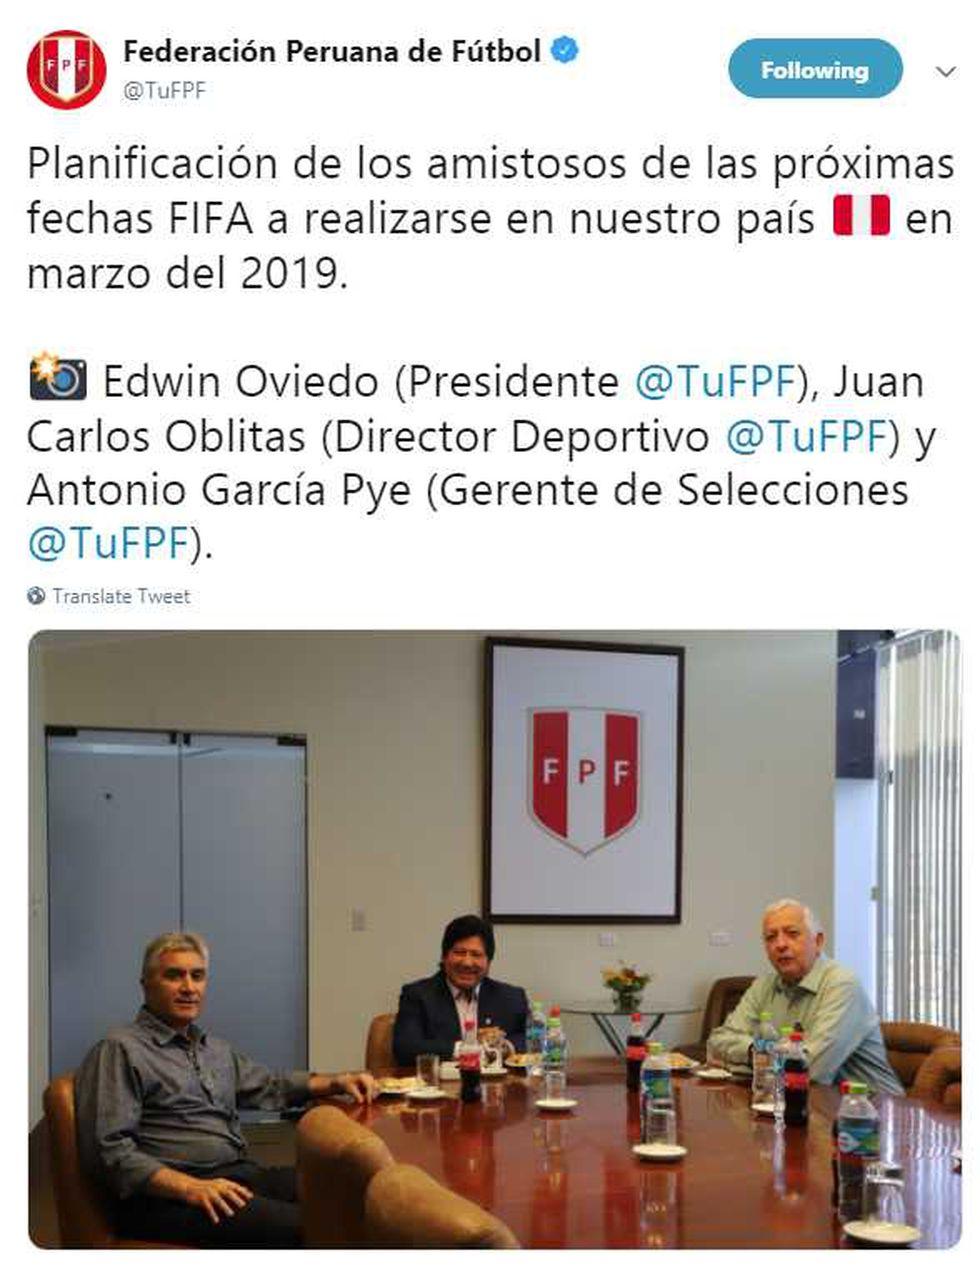 Twtter de la Federación Peruana de Fútbol)